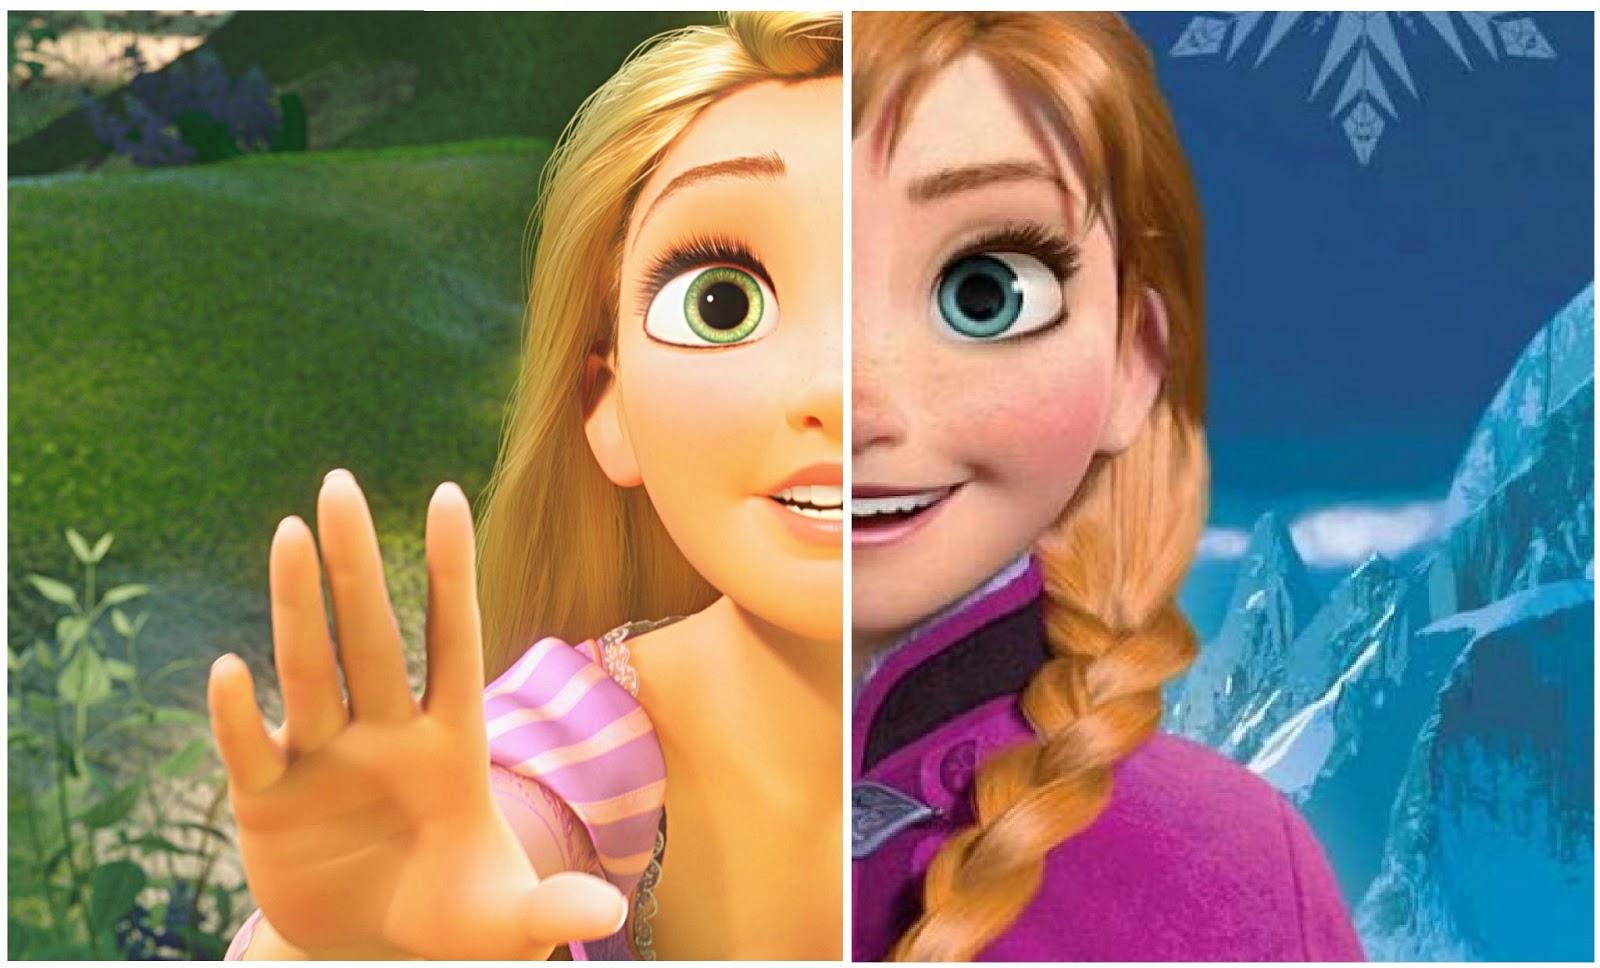 El Parentesco De Rapunzel Y Las Princesas De Frozenrapunzel Y Su